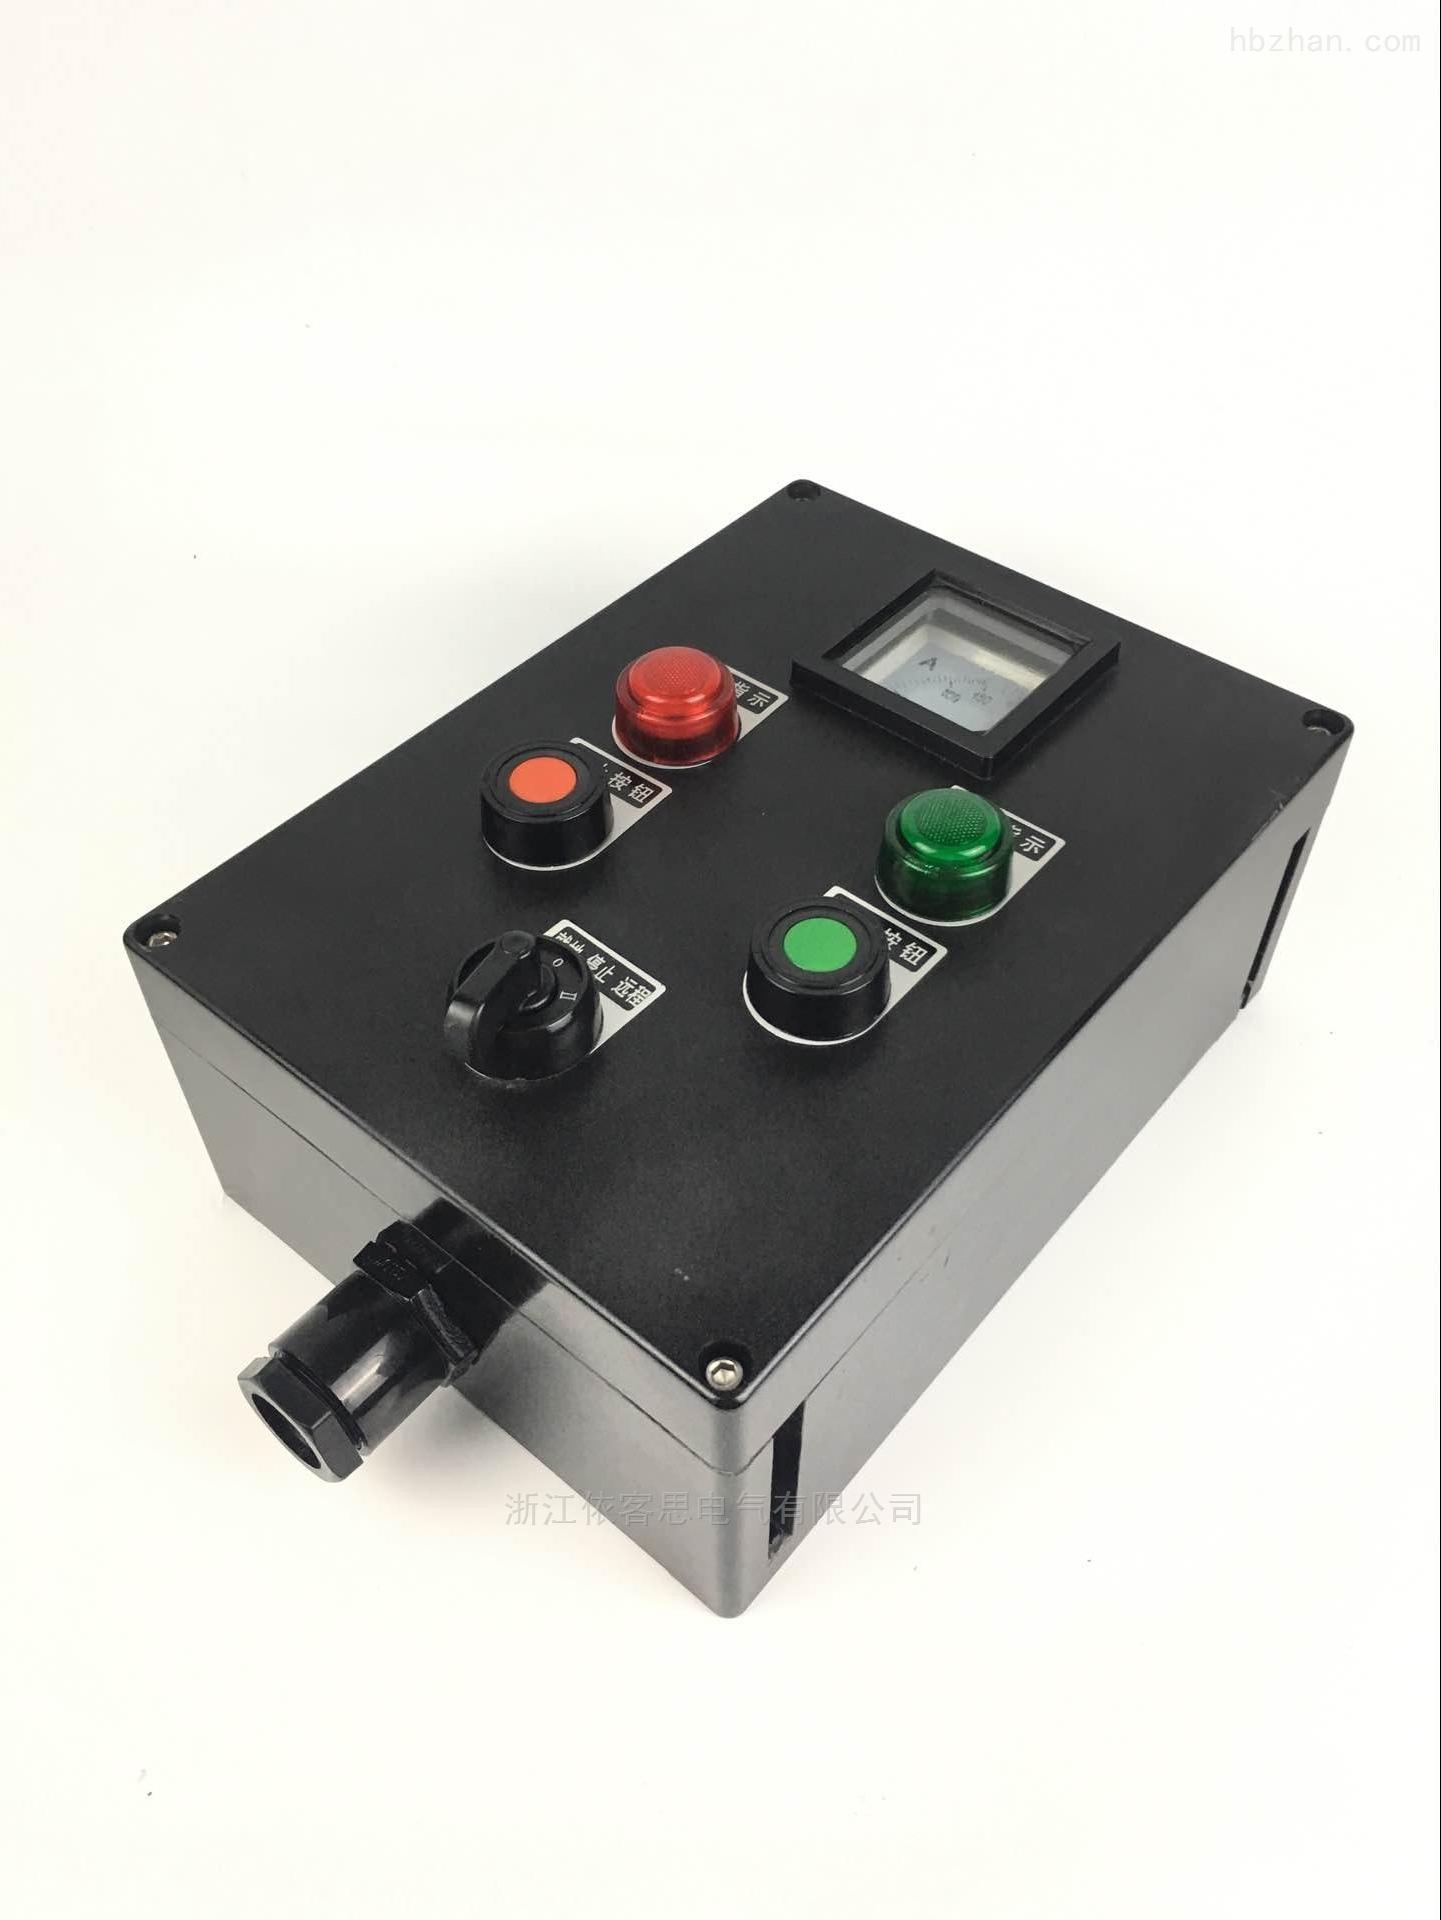 BZC8050化工厂防爆防腐操作柱壁挂式按钮盒